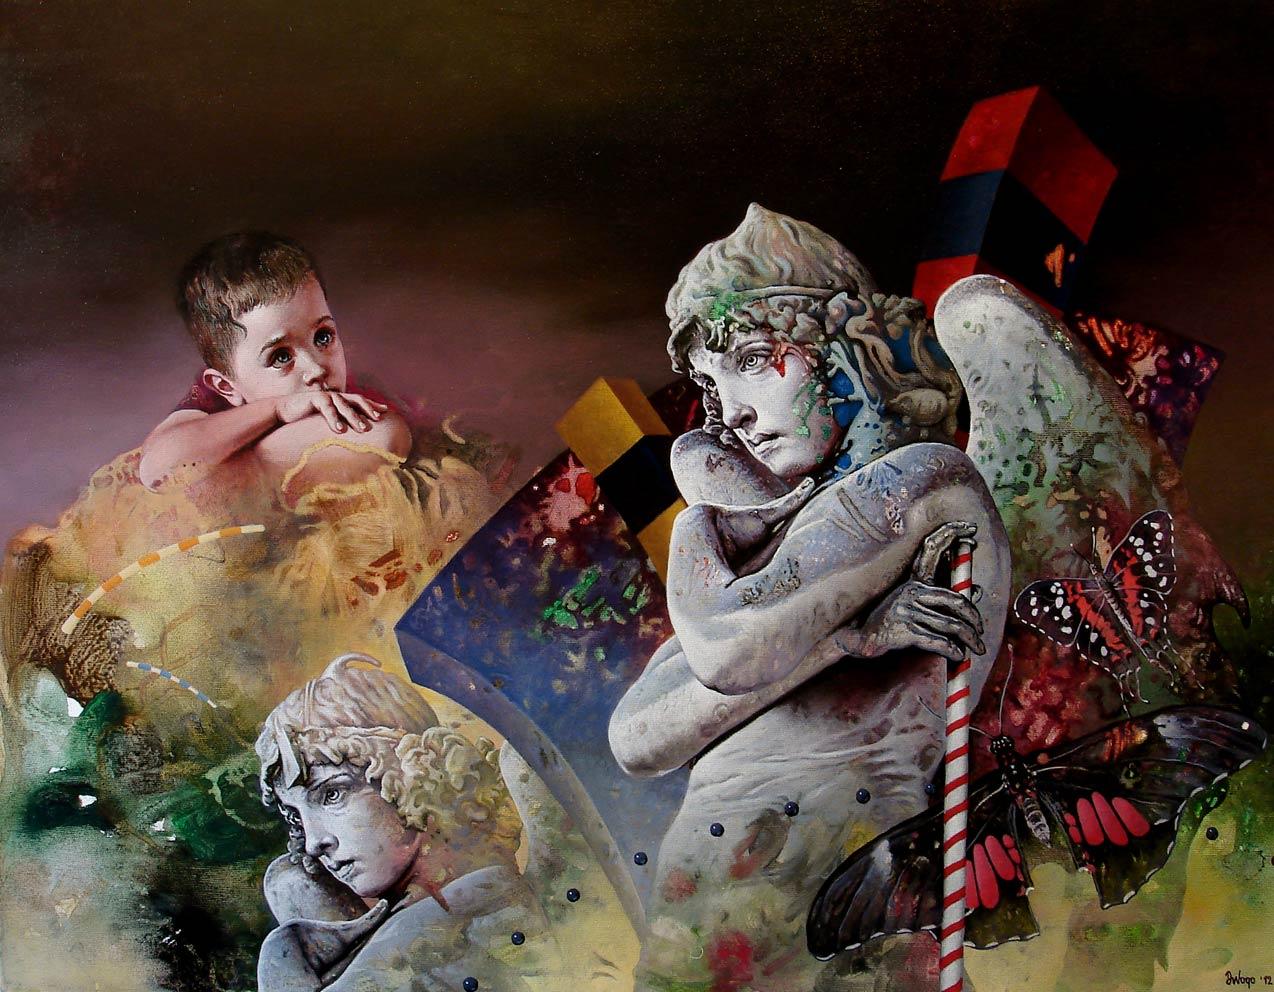 Marfi je zakon, 60×80 cm, Acrylic and oil on canvas, 2012.